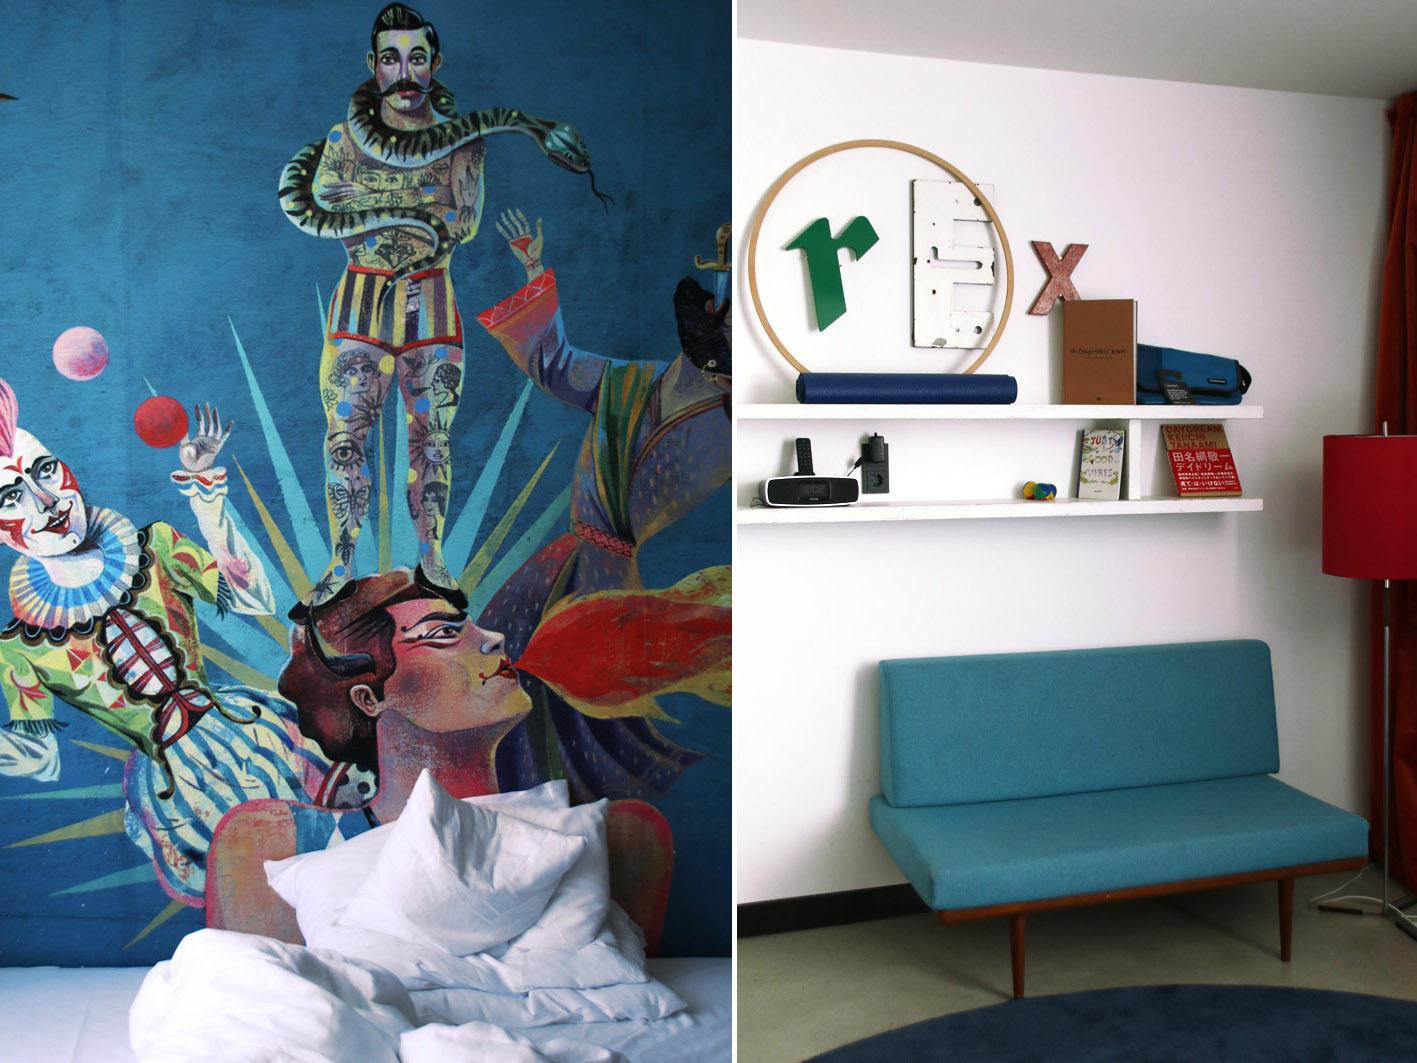 25hours hotel Wien suite